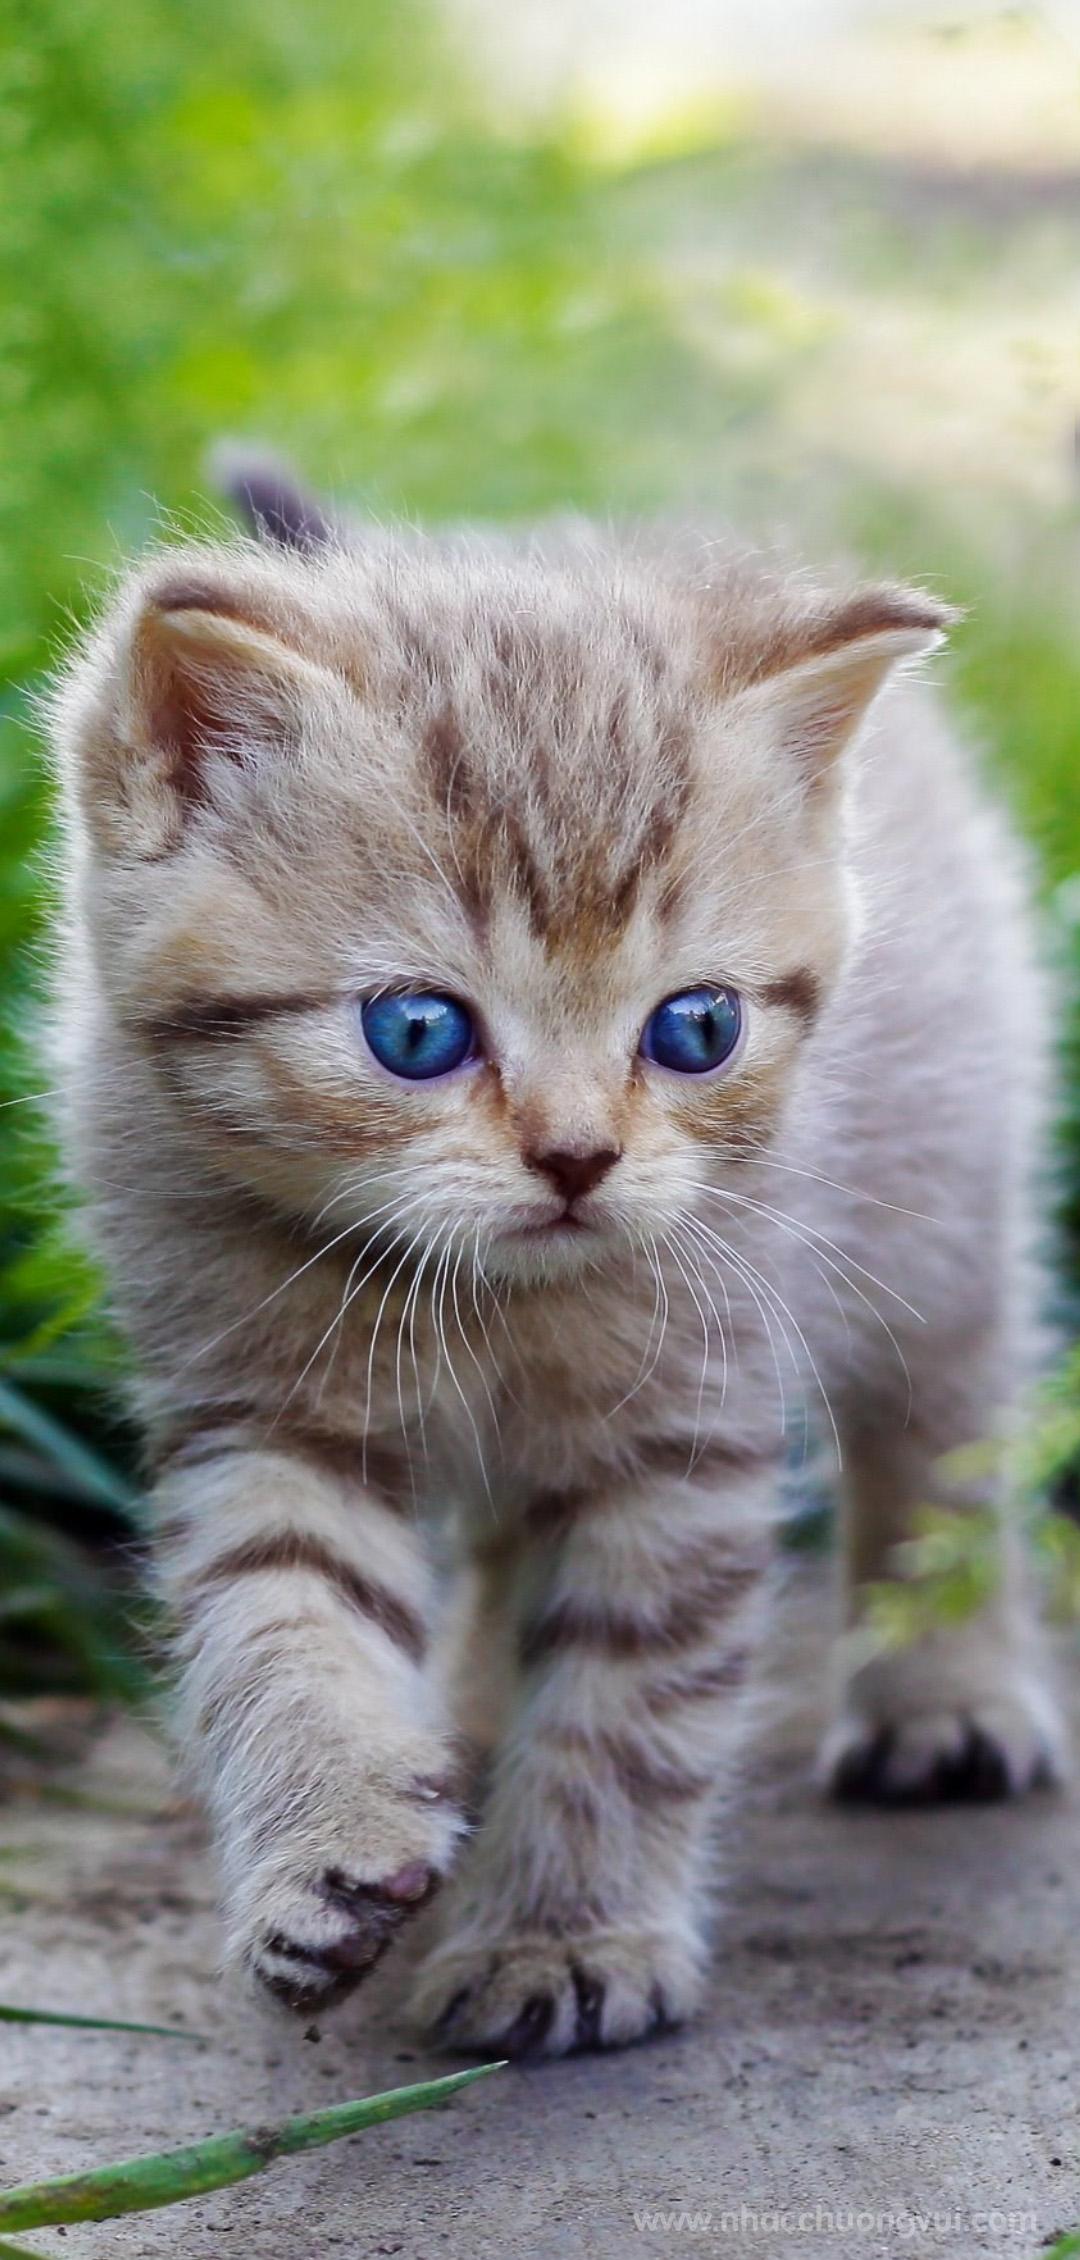 Hình nền mèo cho điện thoại dễ thương nhất 20